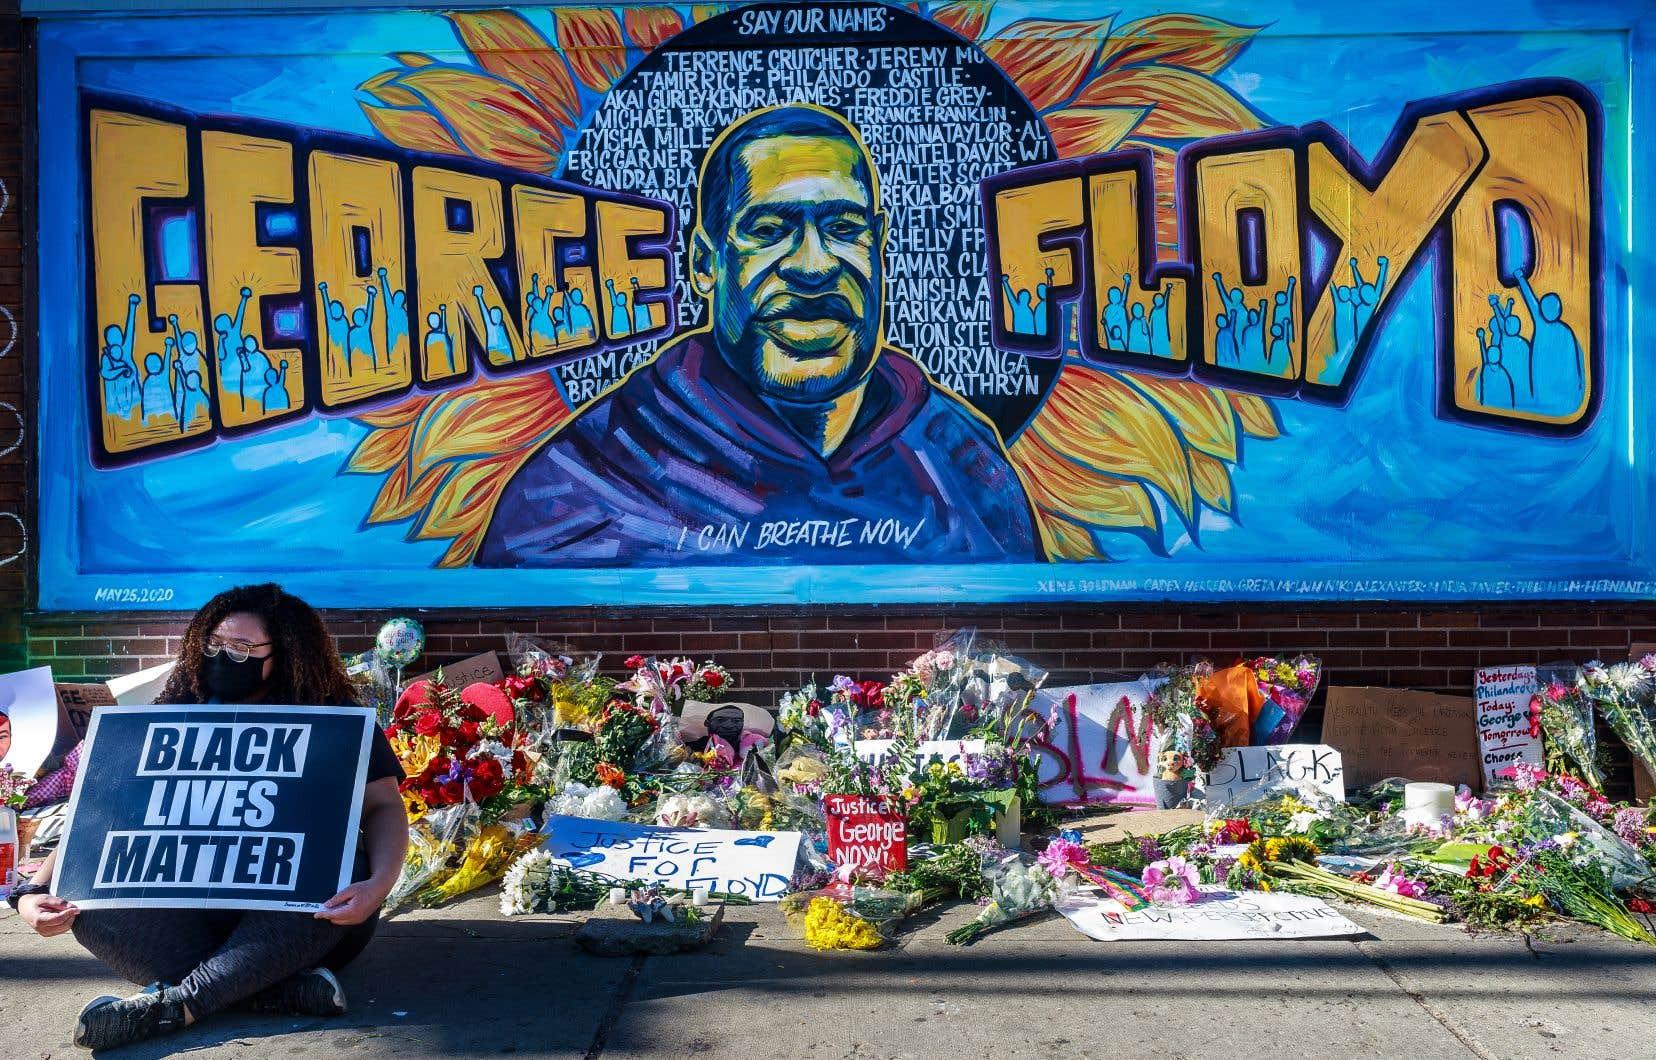 La mort de George Floyd avait déclenché une vague inédite de protestations contre le racisme et les brutalités policières dans le pays, et dans le monde, où furent scandés son nom et ses dernières paroles, «I can't breathe» («Je ne peux pas respirer»).